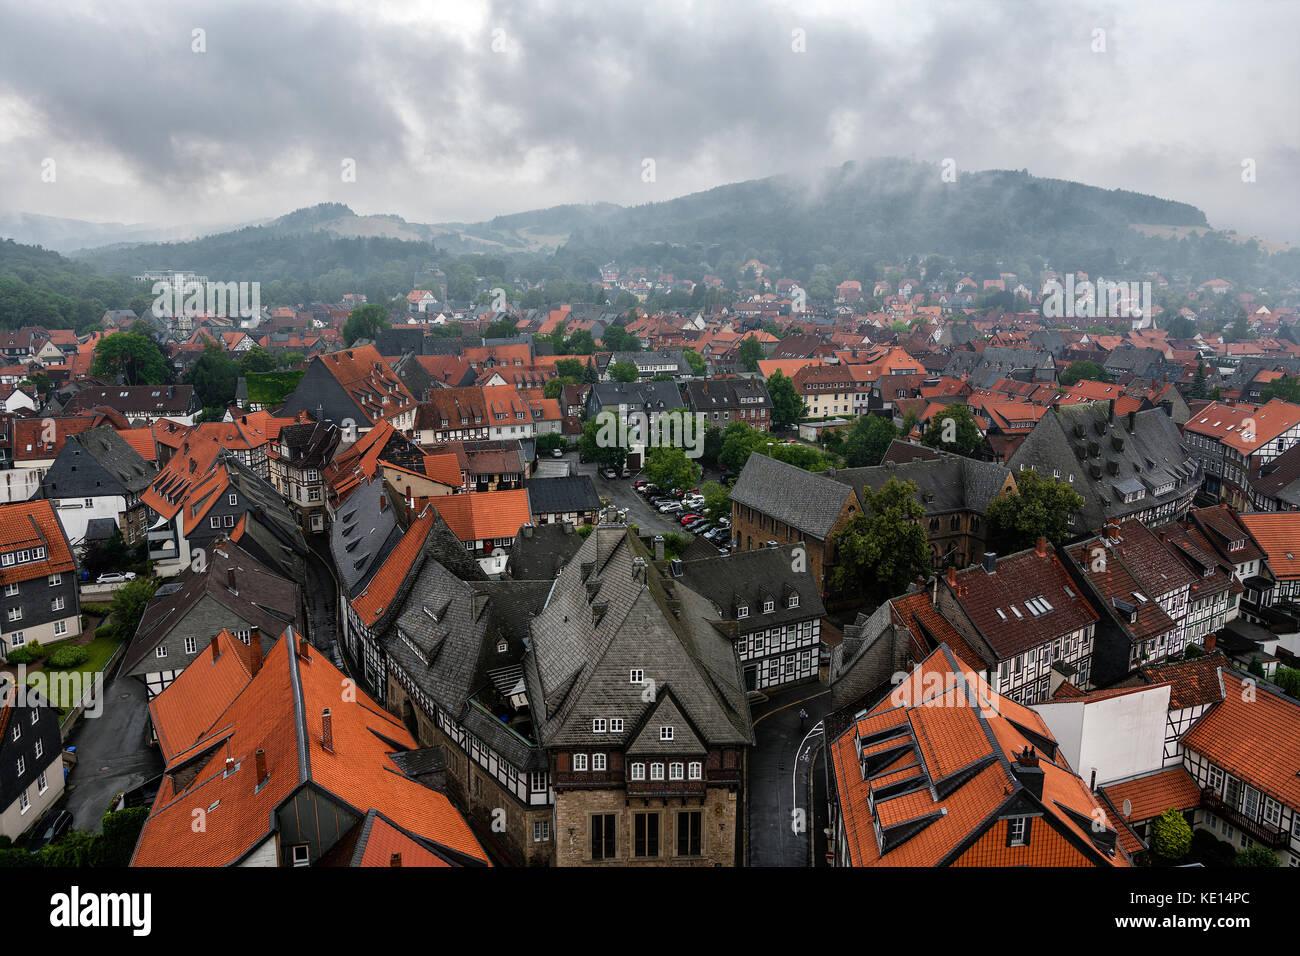 Terrakotta und Schiefer Fliesen von Goslar, Harz, Deutschland - bäckergildehaus, Goslar, Niedersachsen, Deutschland. Stockbild